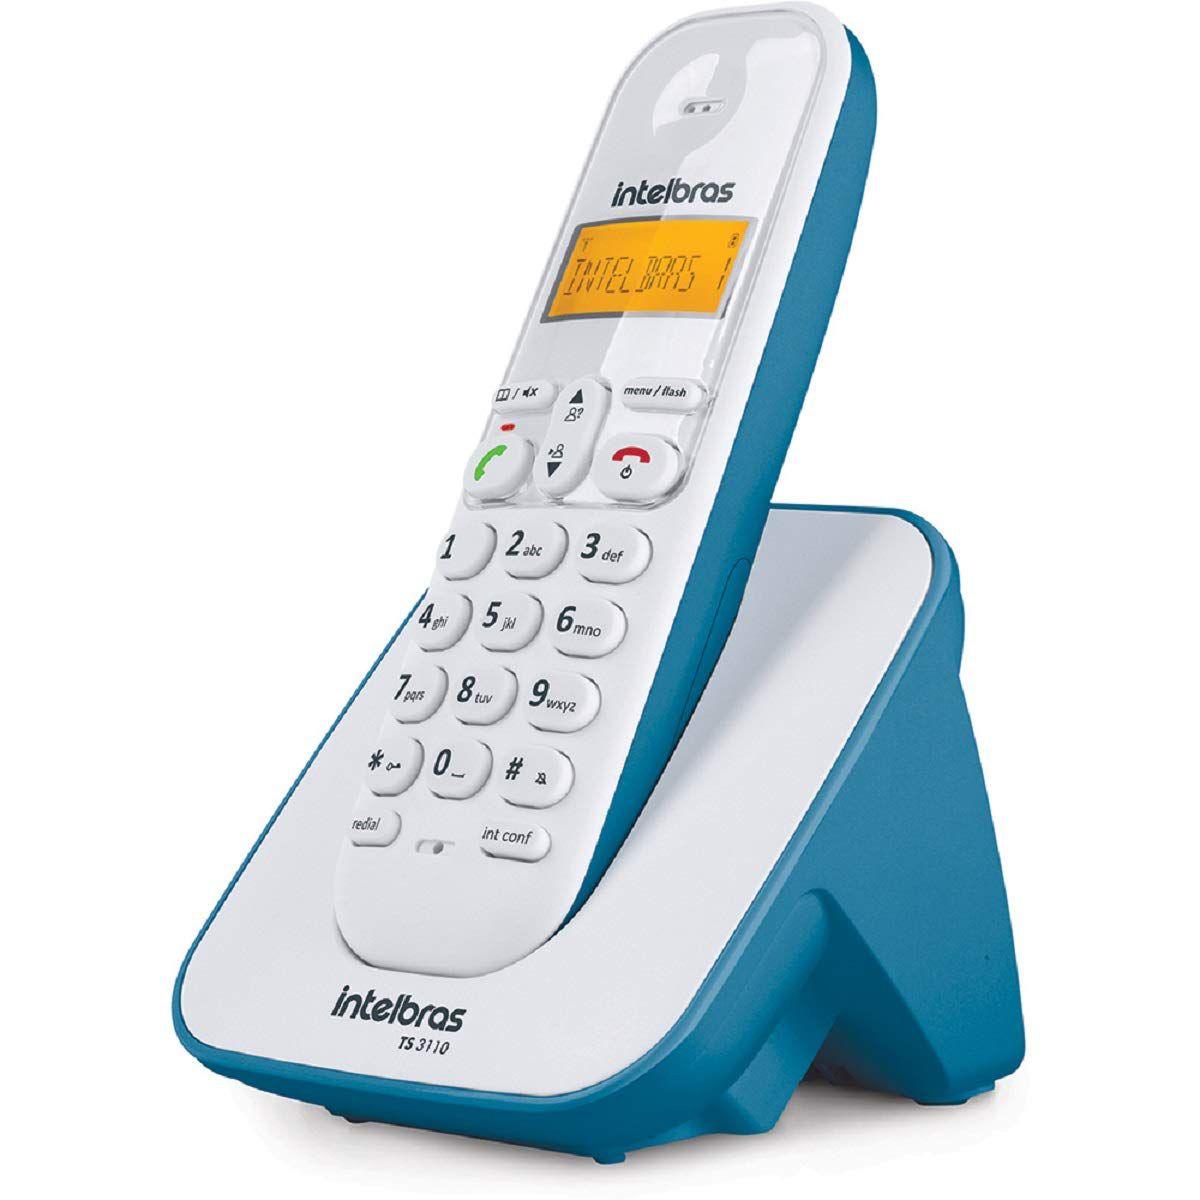 Telefone sem fio digital com identificador e visor luminoso intelbras TS 3110 - JS Soluções em Segurança